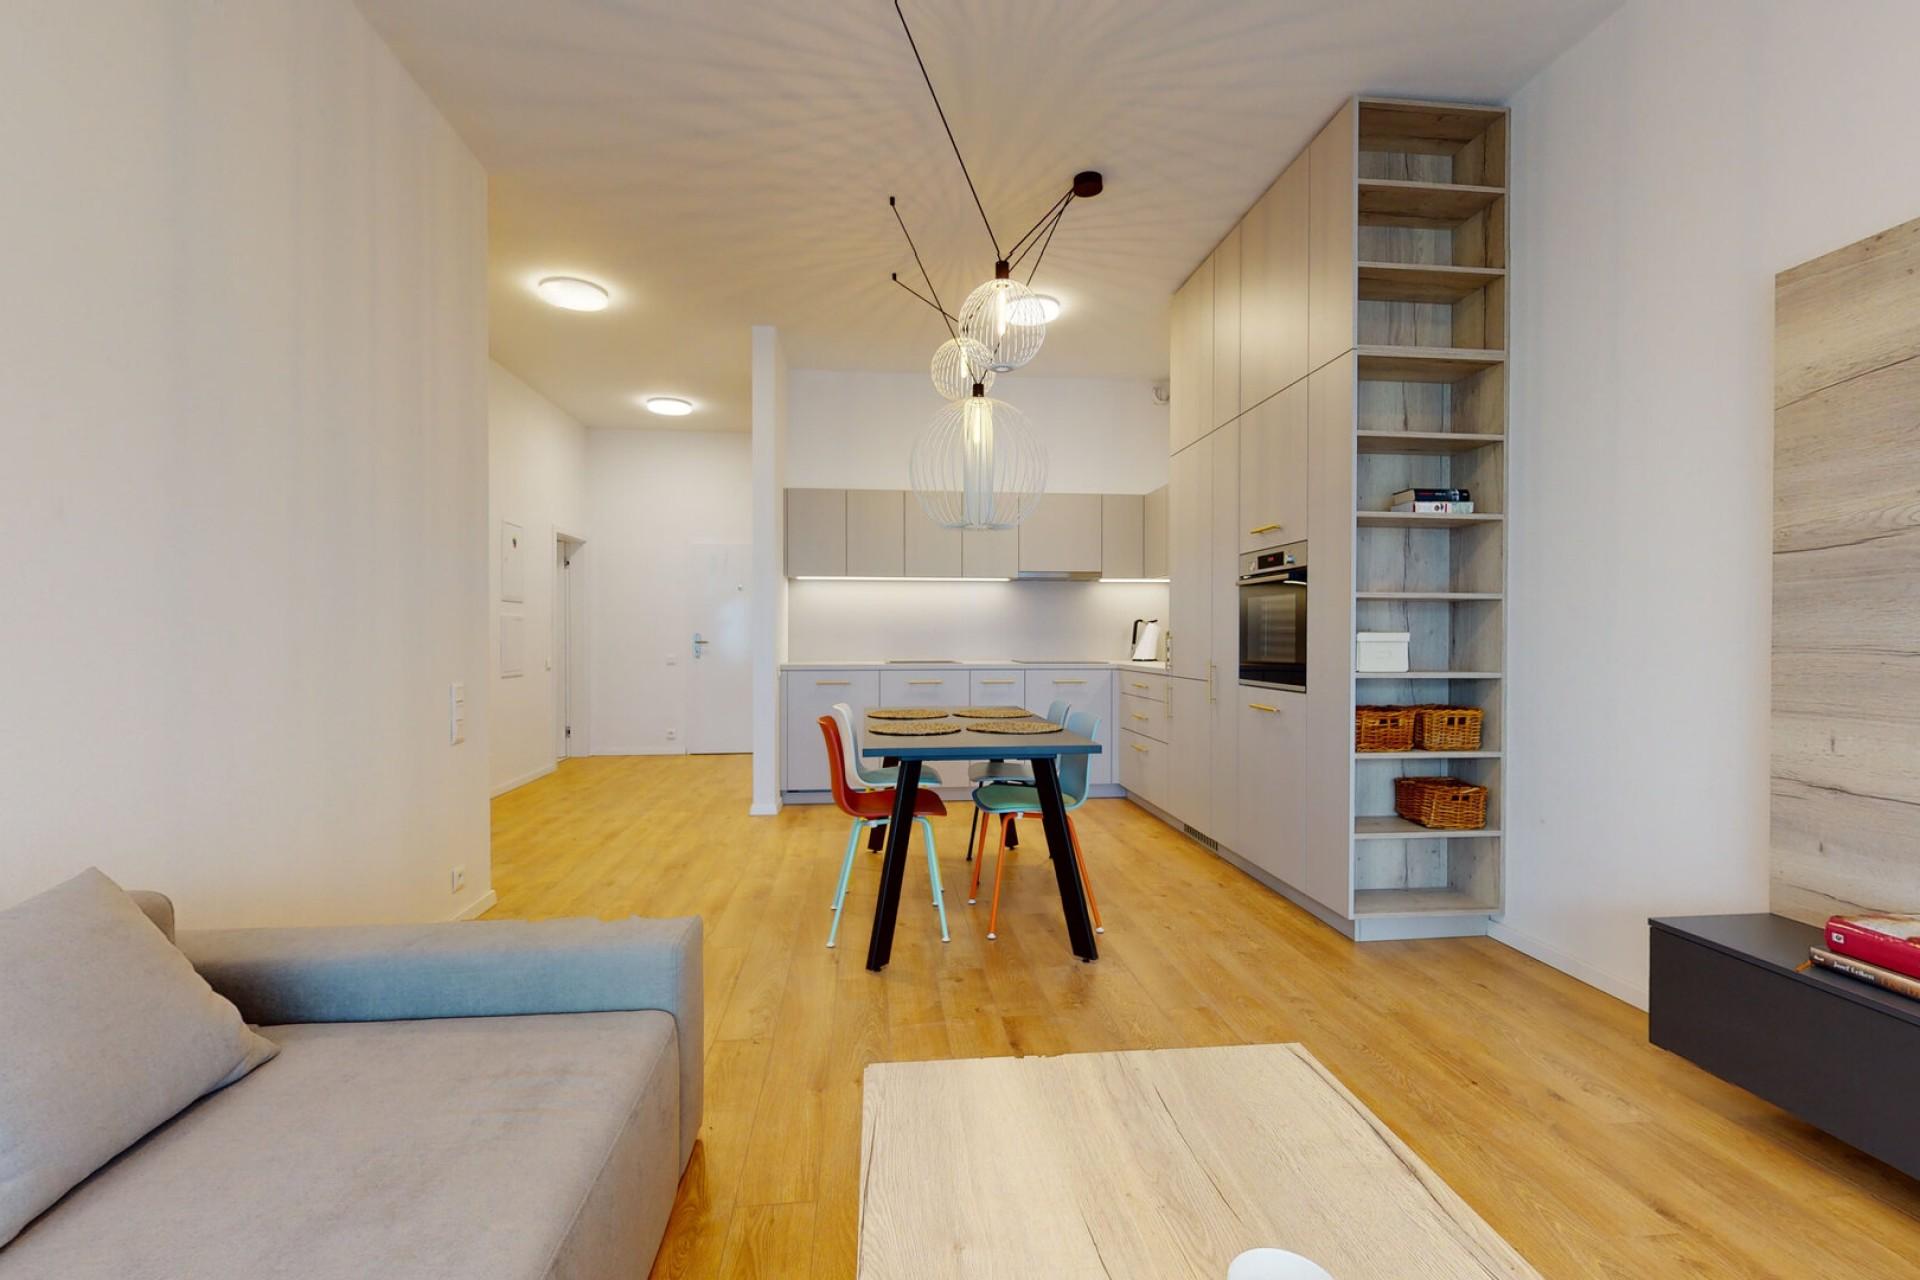 Vzorový byt - marec 2021